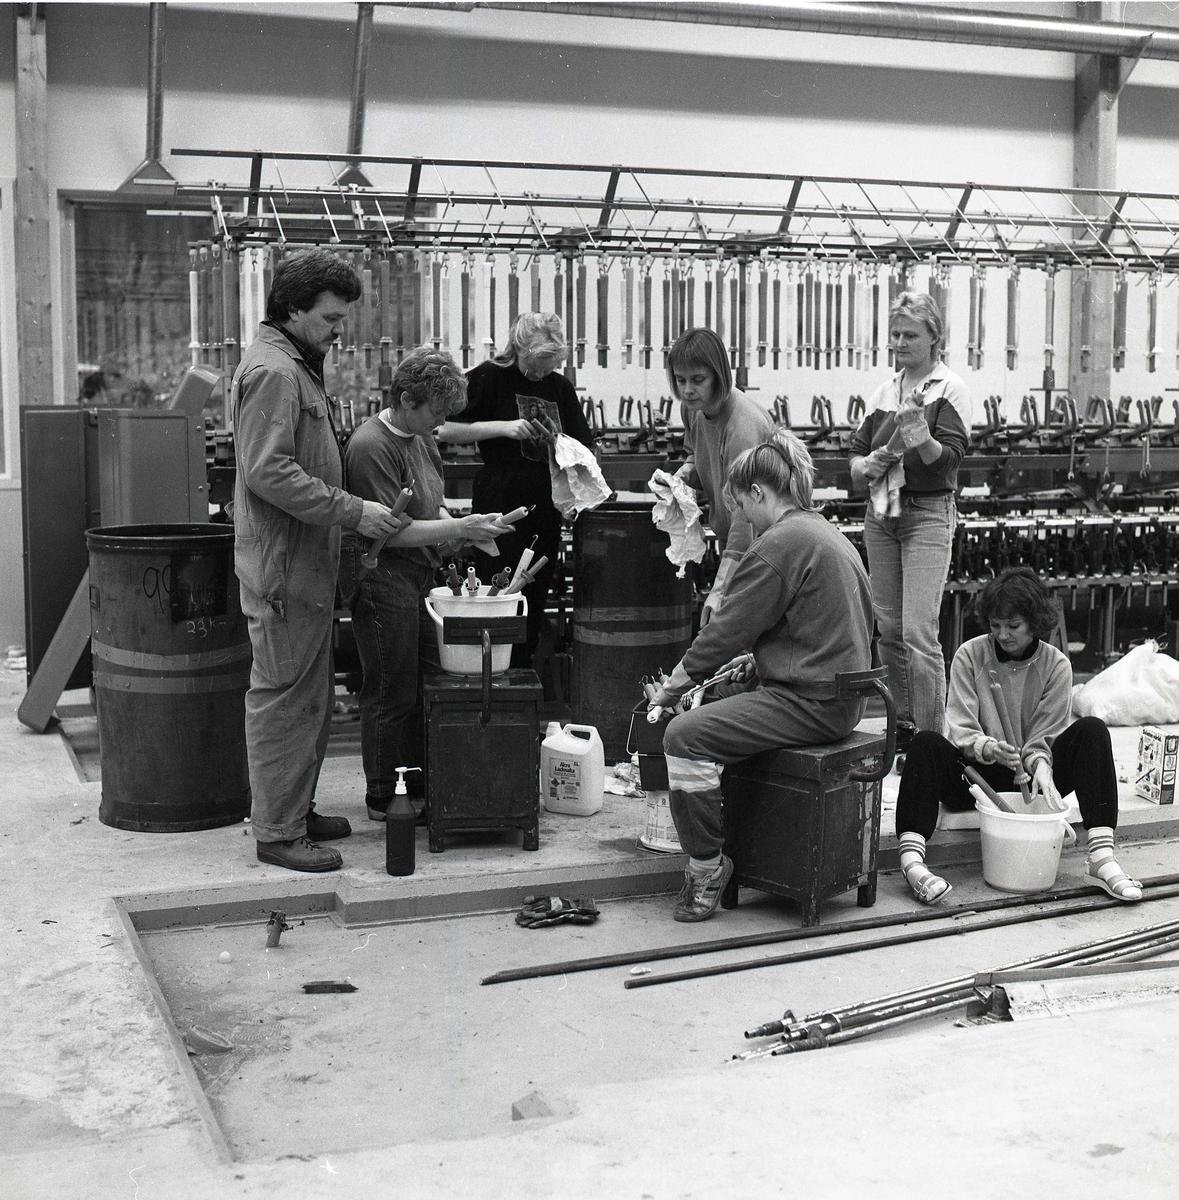 Vid Växbo Linspinneri arbetar sju personer med rengöring av spolar 1989. Inne i en fabriksbyggnad putsar de av spolar från en maskin. På golvet står en såpdunk och pumpflaska intill hinkar med otvättade spolar. Bakom städgruppen syns en maskin för uppträdning och hantering av lin.